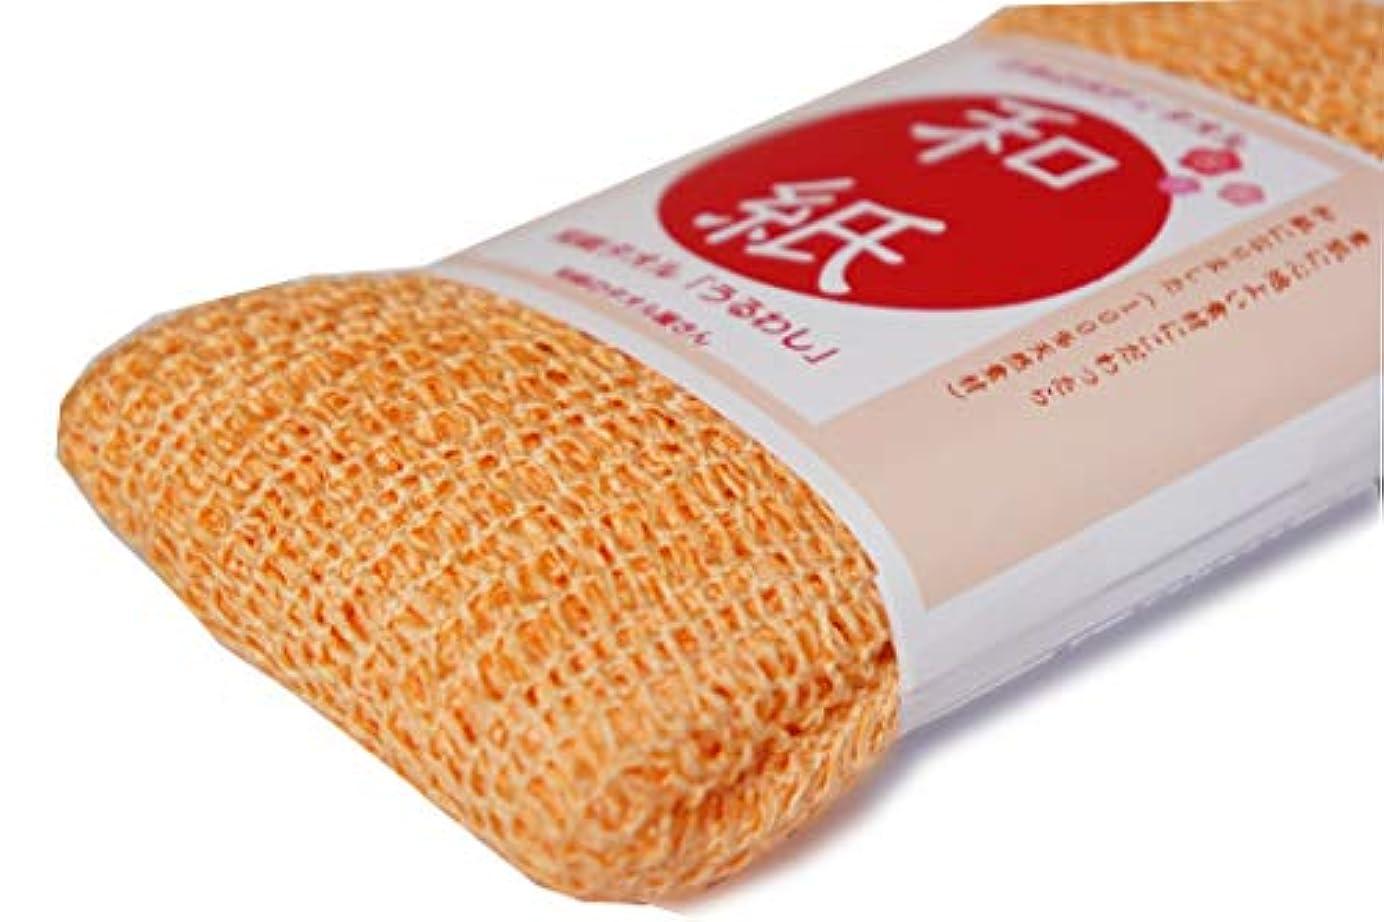 リスキーなお勧めトラップ和紙タオル 「うるわし」は石けんなしでも皮脂汚れ、角質、体臭すっきり和紙のボディタオル 速乾衛生的:オレンジ 安心と実績の製造直売